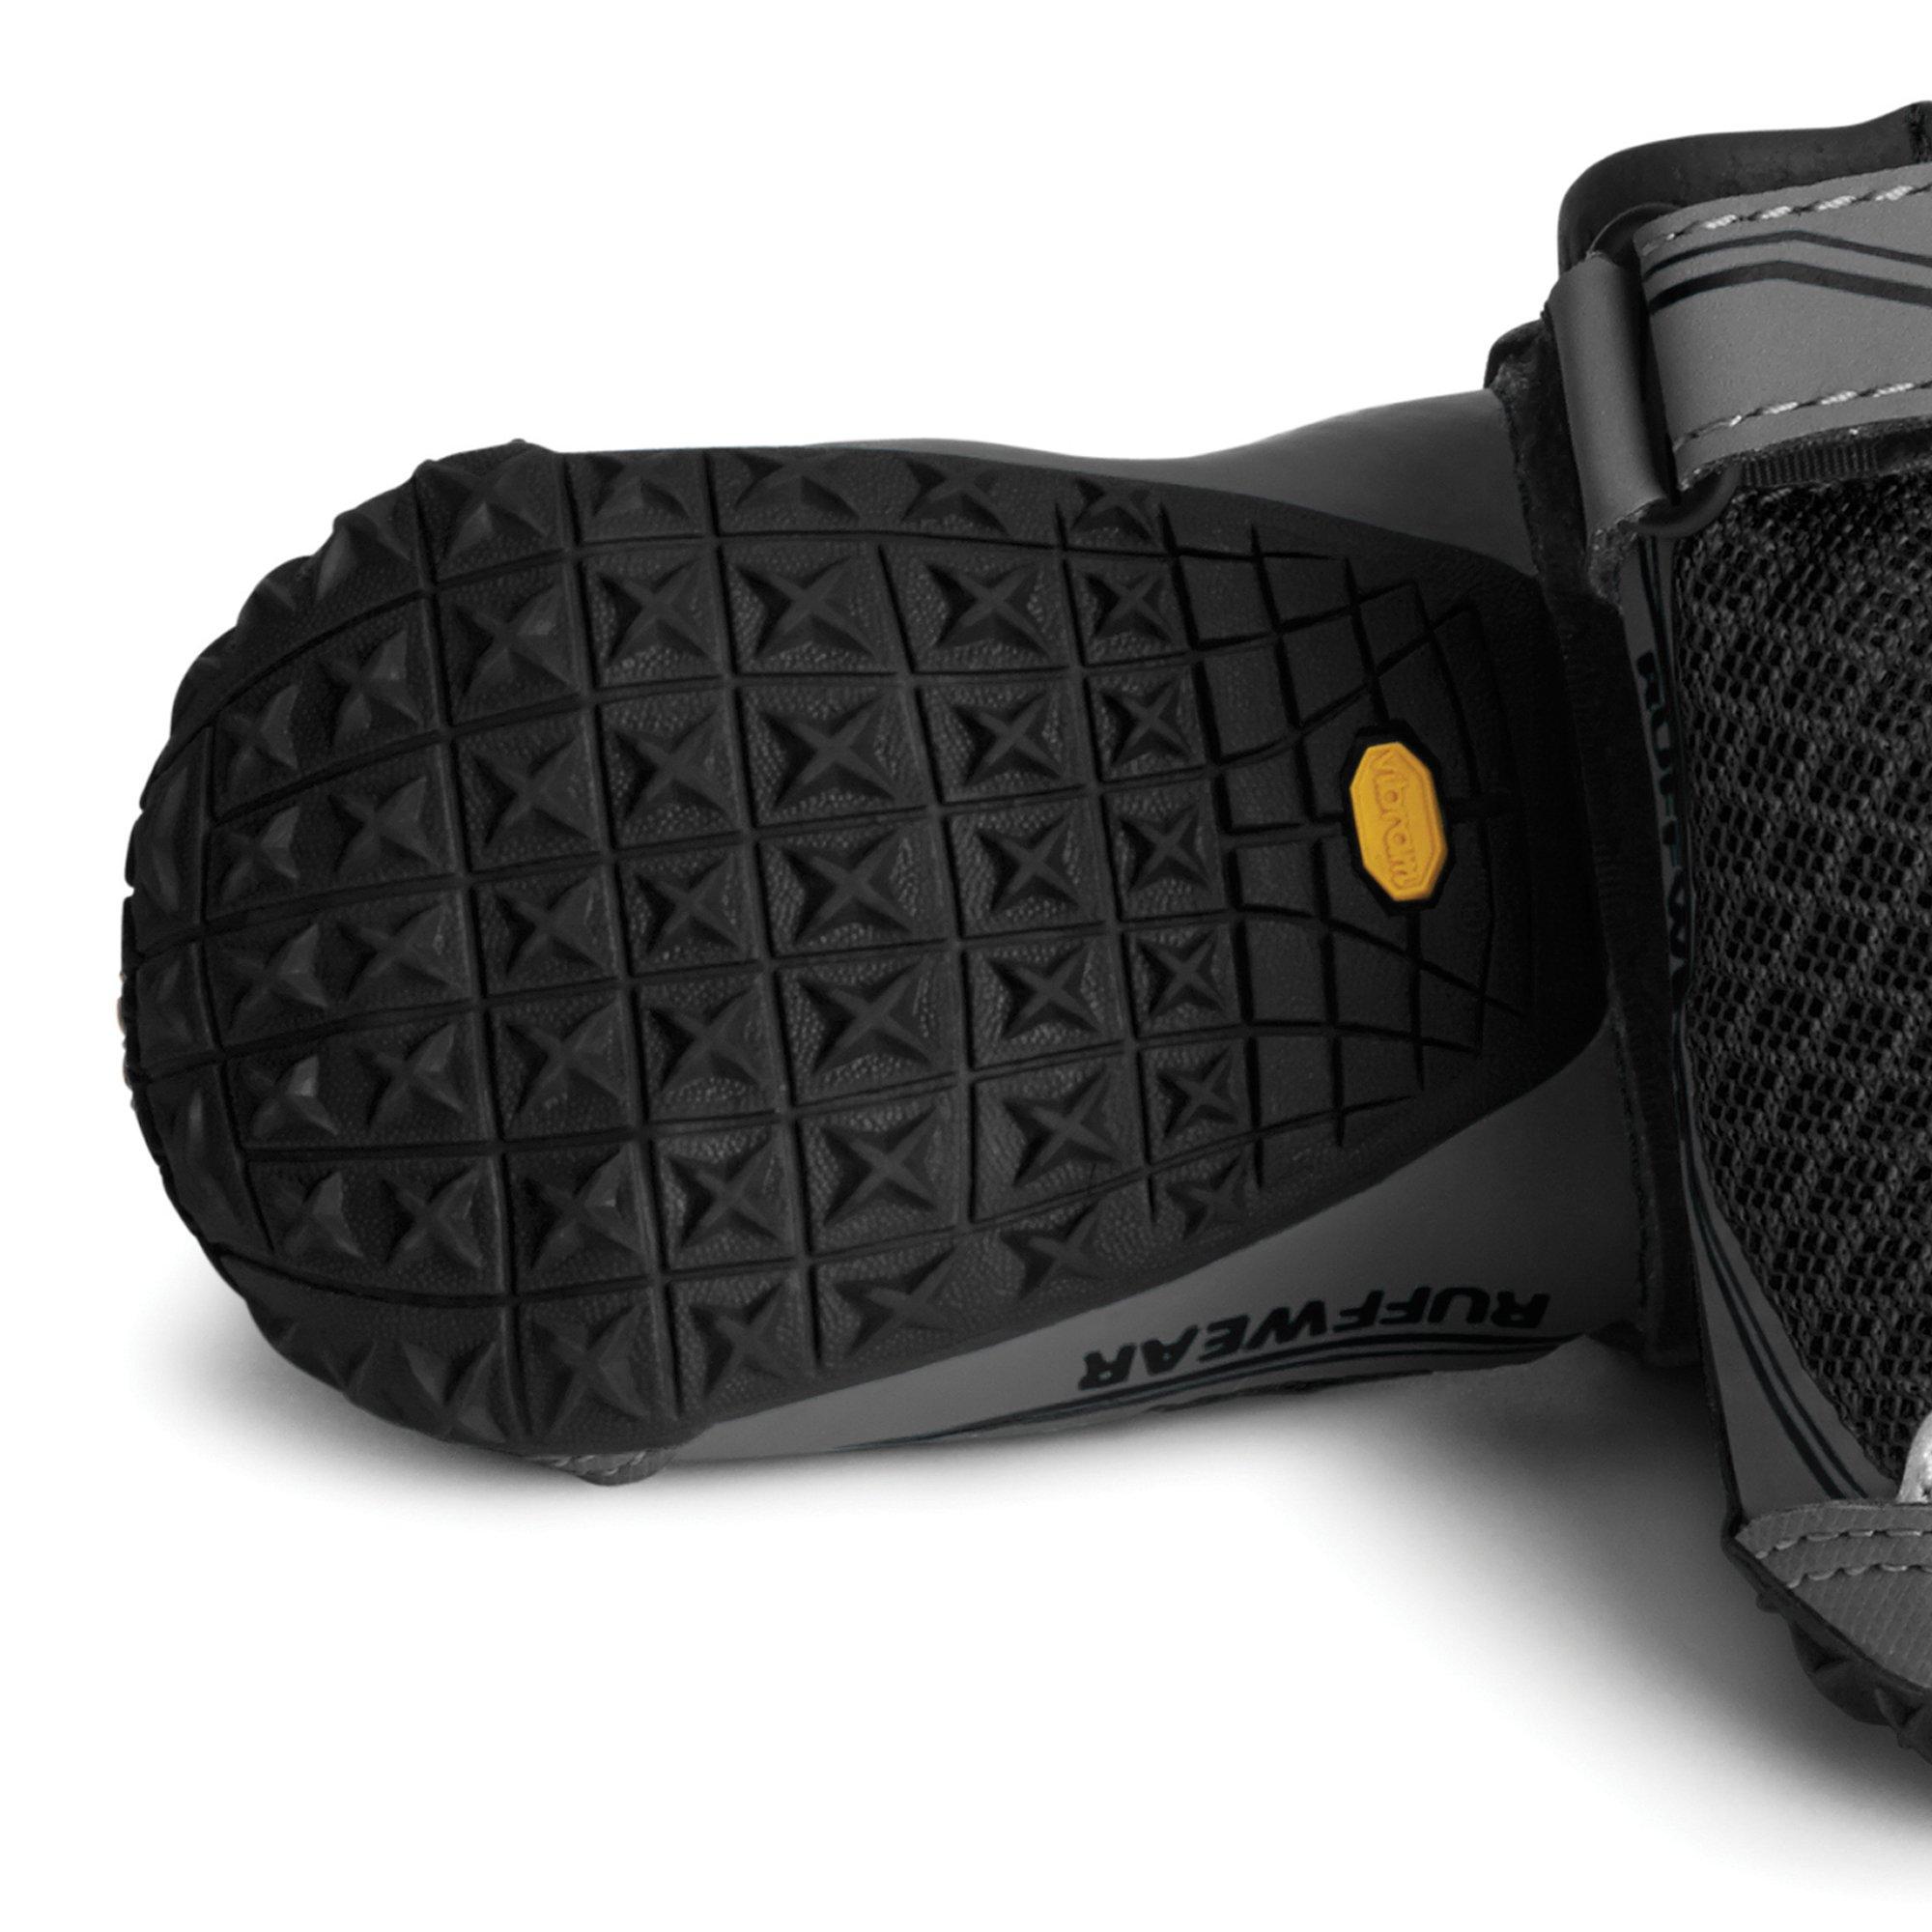 RUFFWEAR 15202-001300 - Grip Trex, All-Terrain Paw Wear for Dogs, Obsidian Black, 3.0 in (Set of 4) by RUFFWEAR (Image #2)